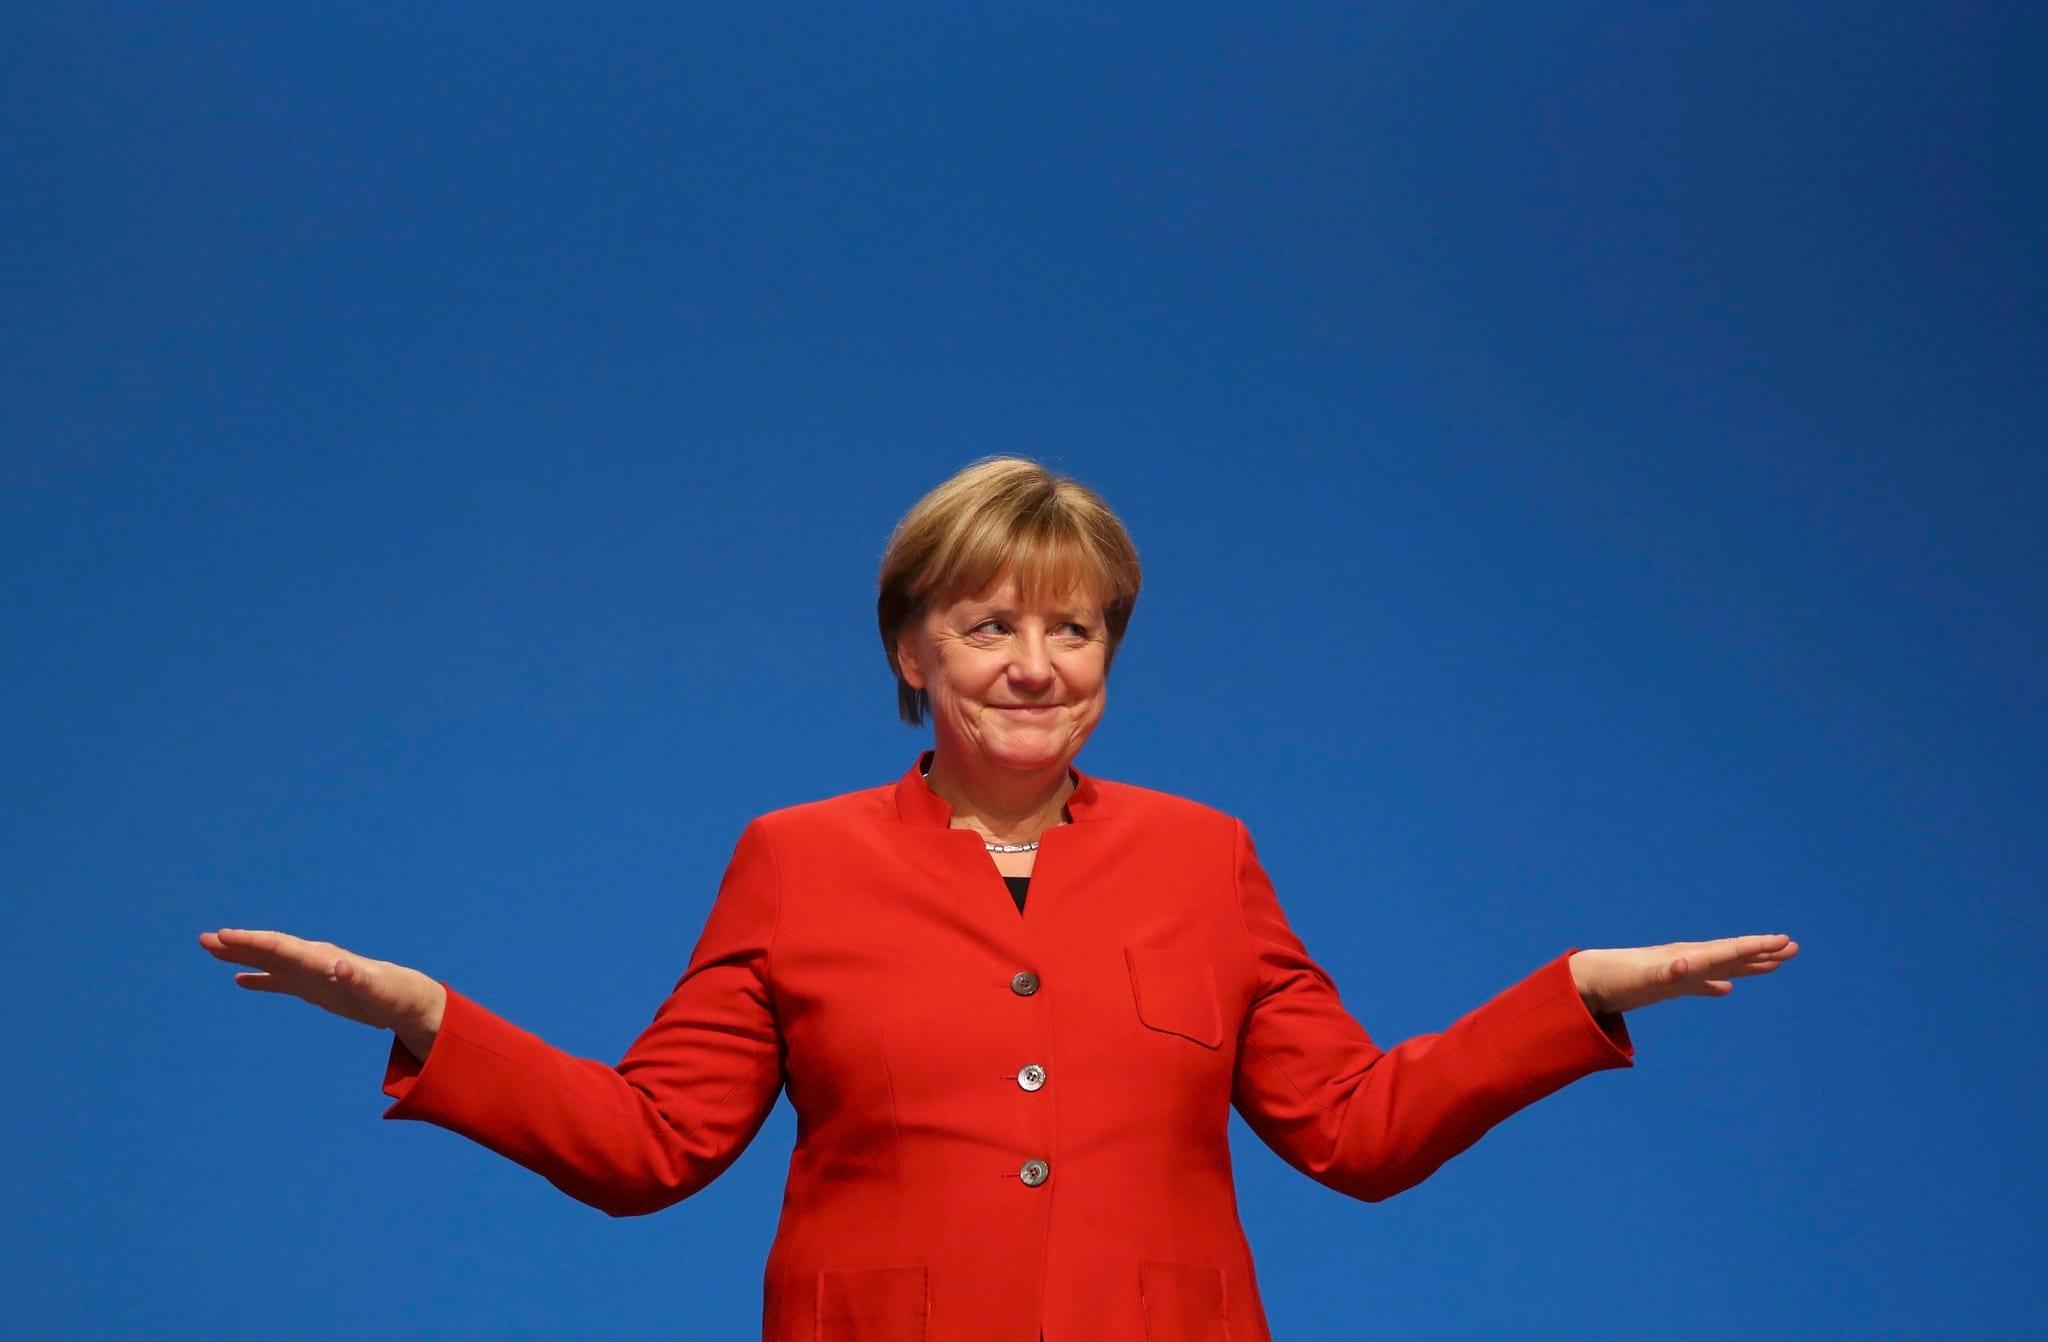 """PÚBLICO - Mais dura sobre imigração, Merkel alerta contra """"respostas simples"""""""